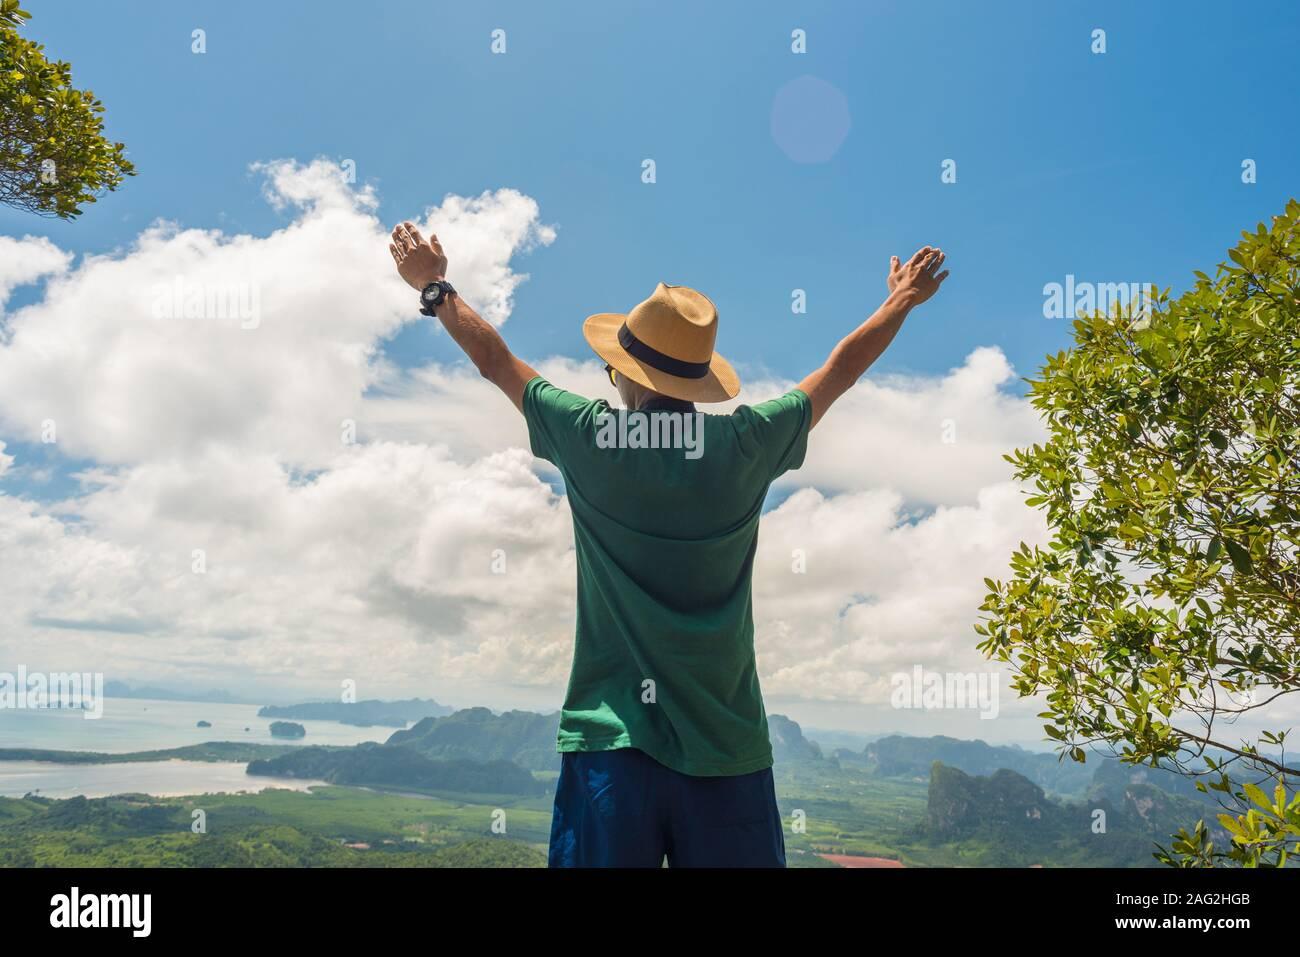 Image Stock: une personne avec les mains levées jusqu'se dresse au sommet de la montagne. Concept de la réussite, les modes de vie, l'harmonie avec la nature et voyager en vacances Banque D'Images